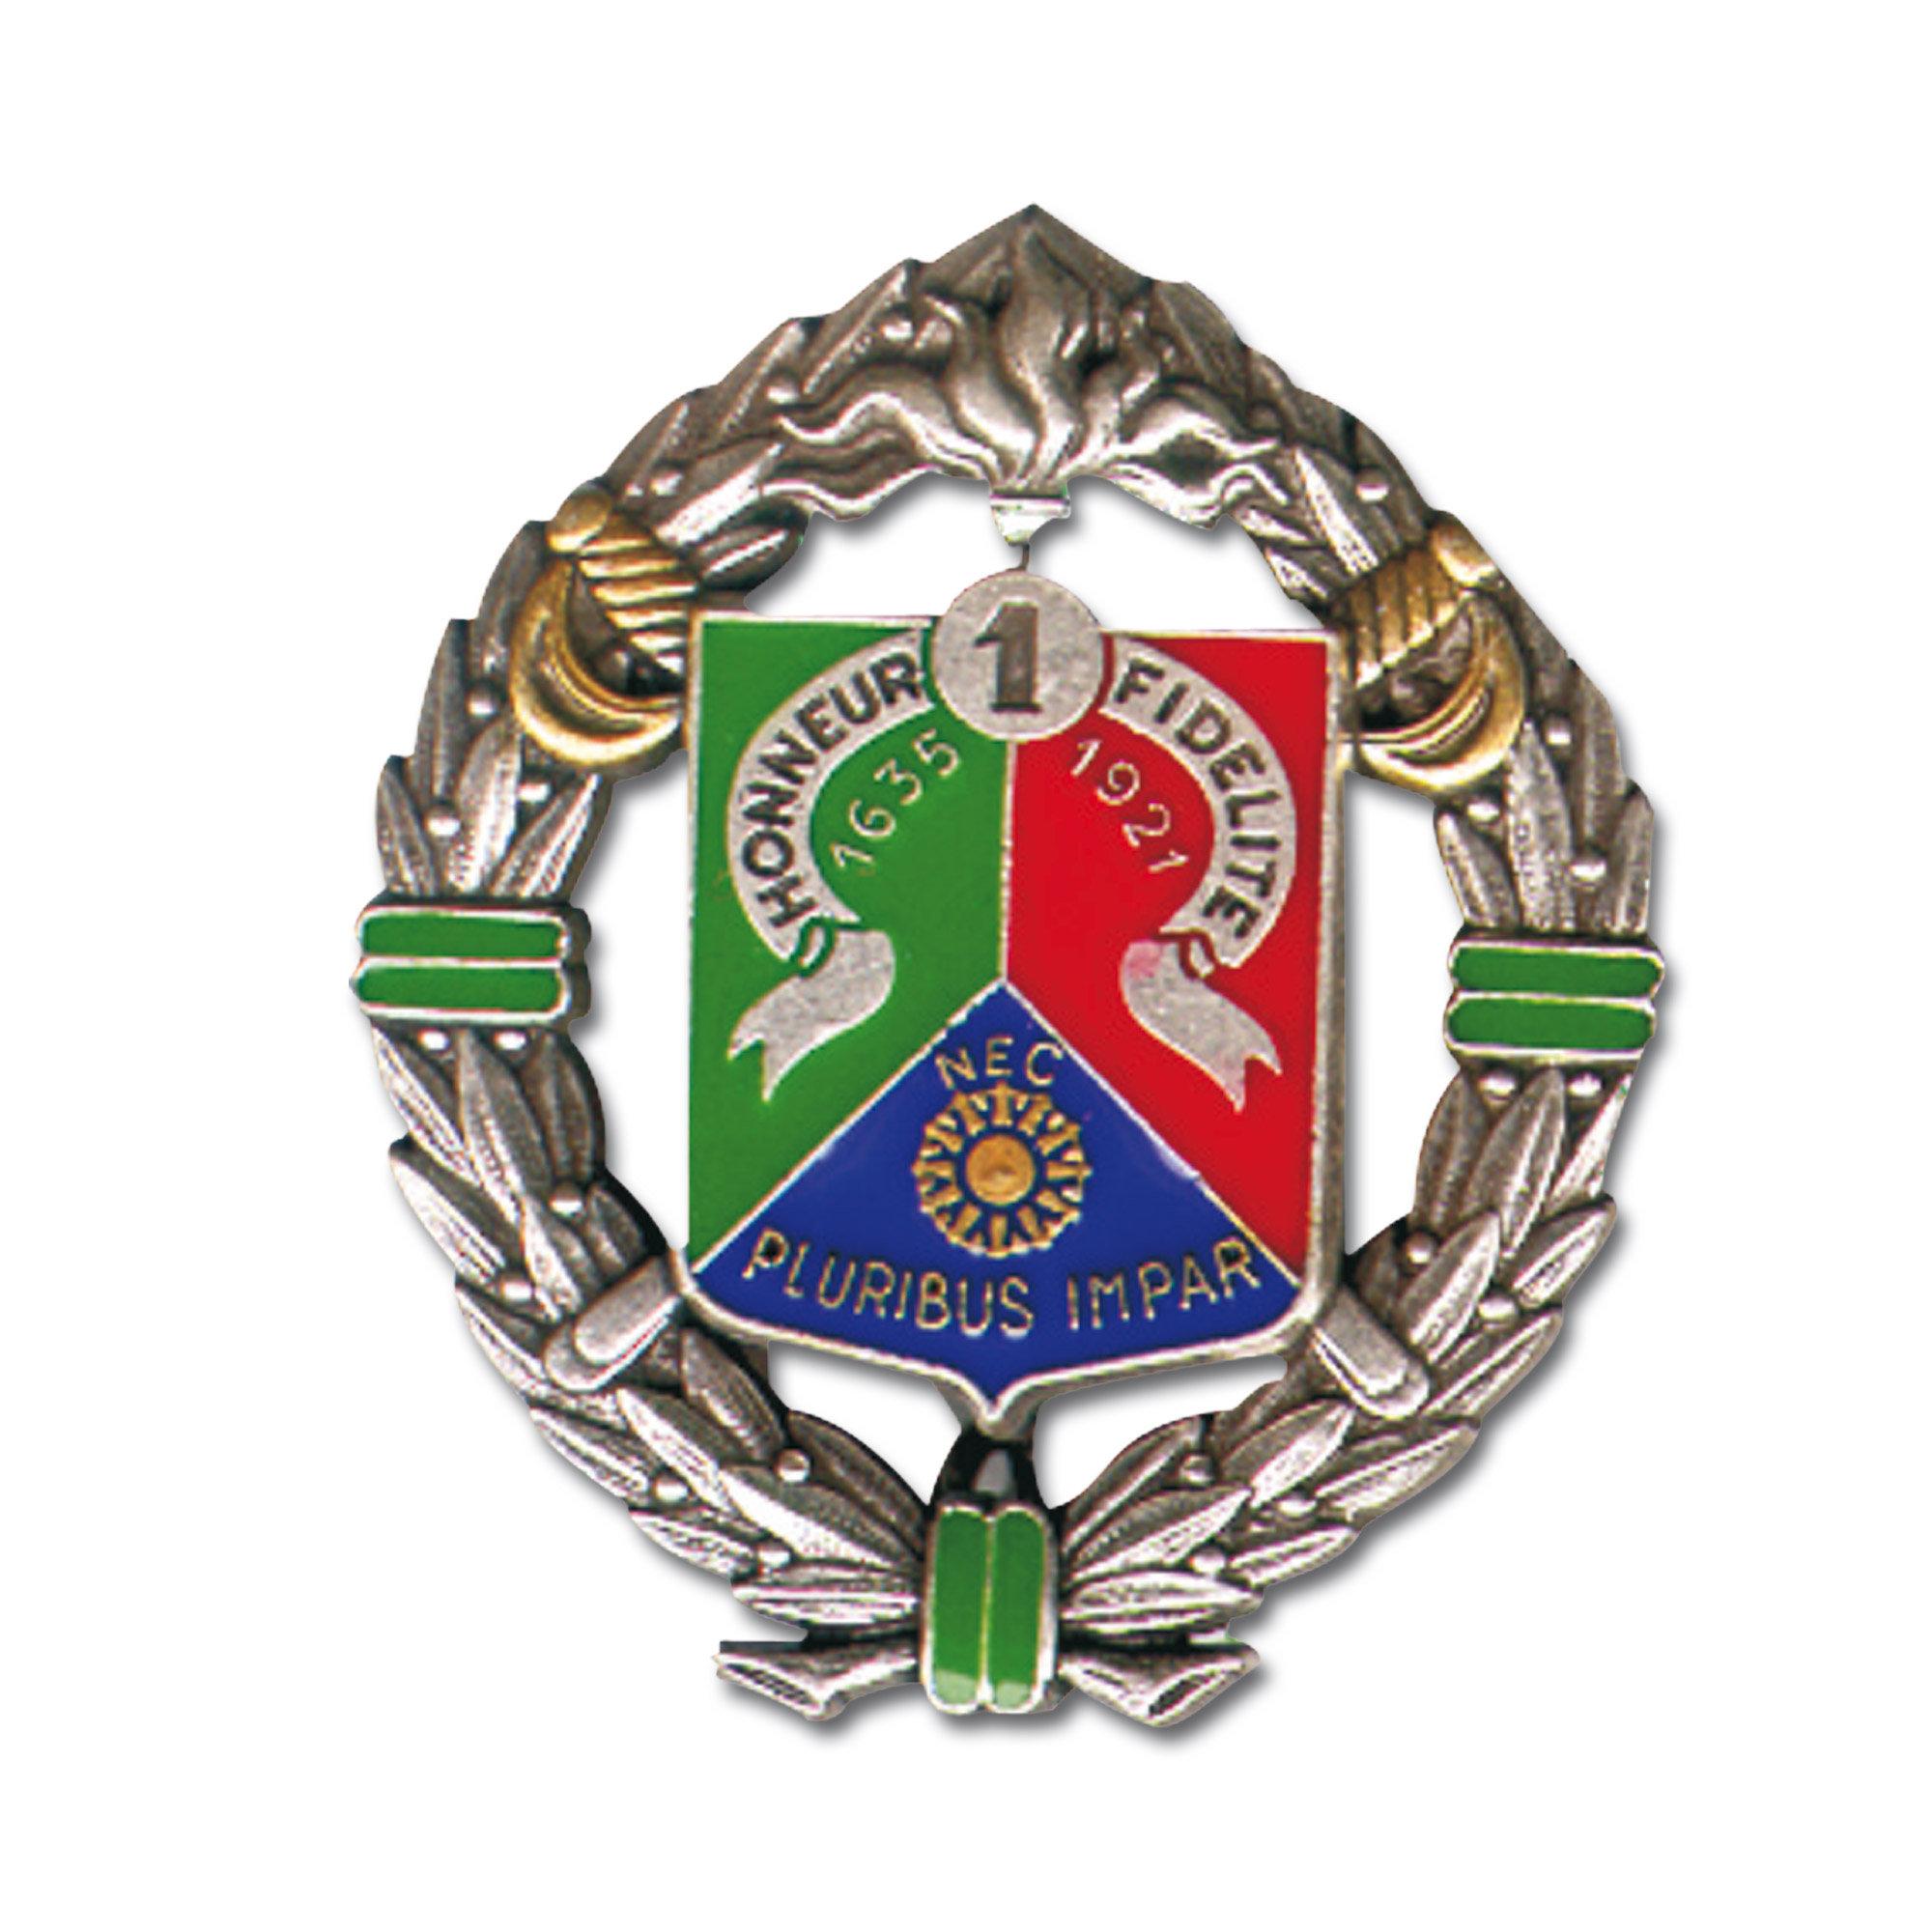 Distintivo francés Legion 1er.REC